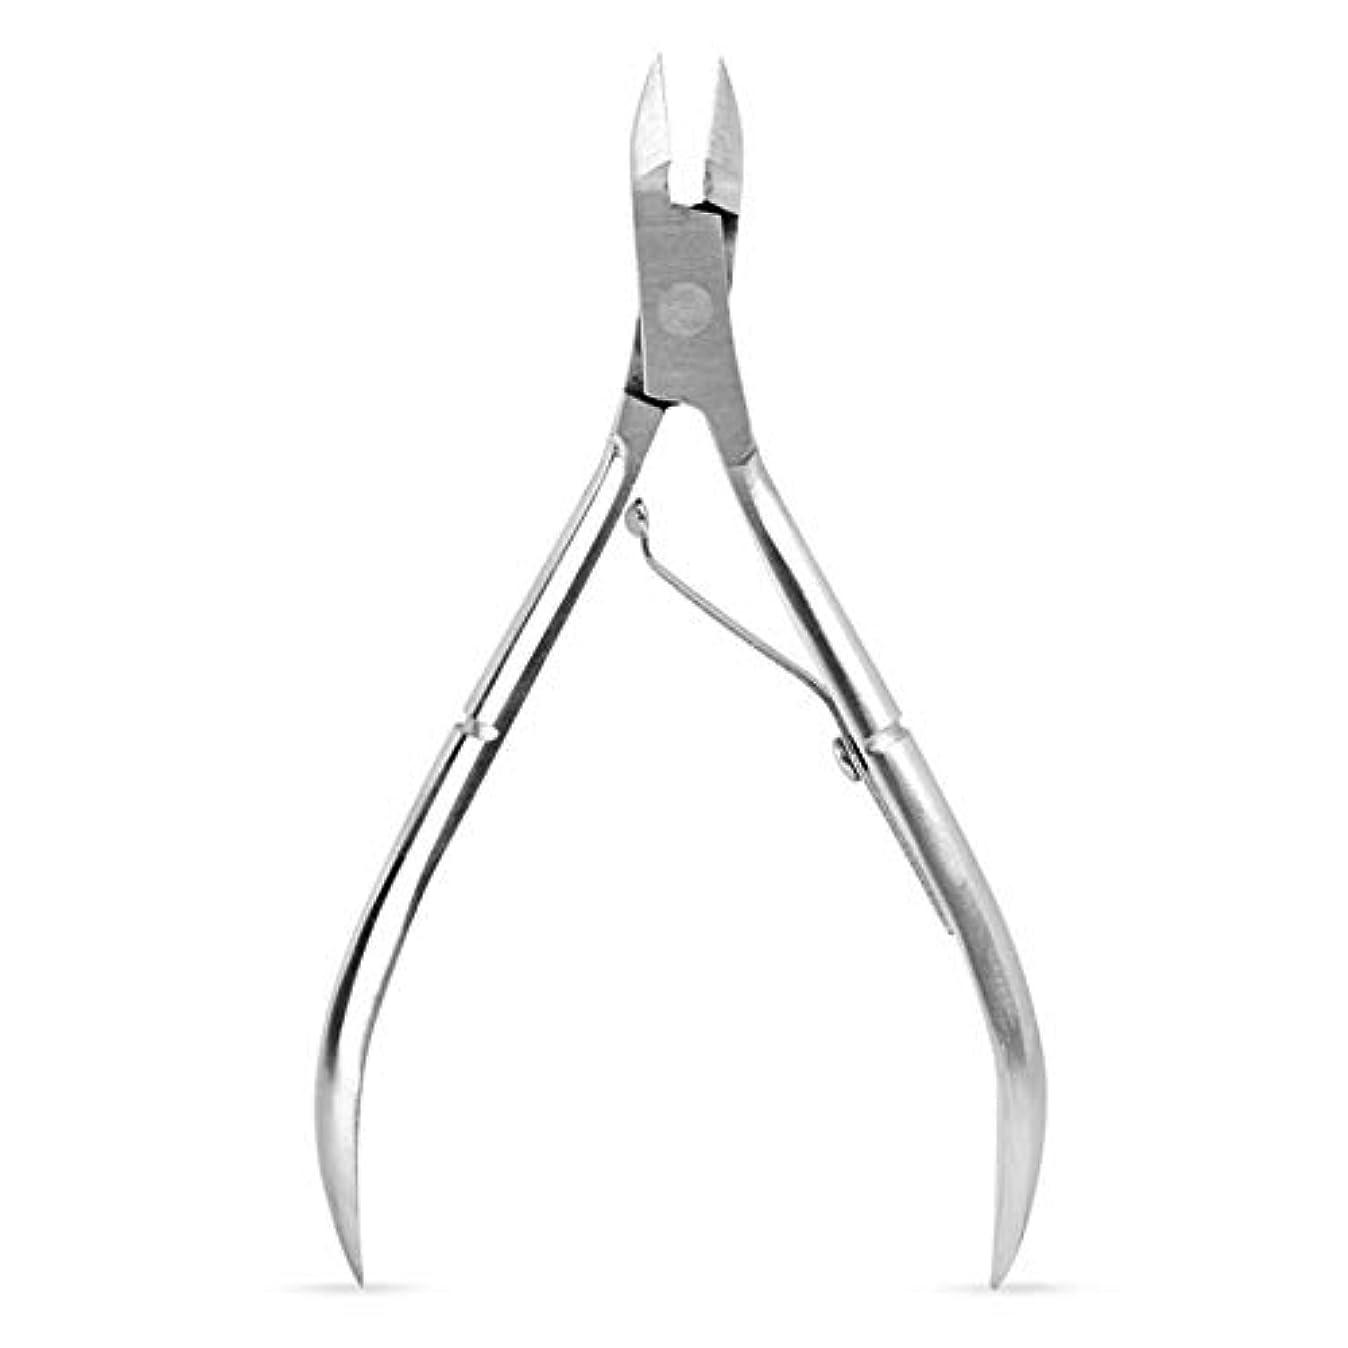 取り組むカンガルークロニクルAAcreatspace足のつま先の爪切りトリマーカッターオレクラノン足のキューティクルはさみつま先の爪